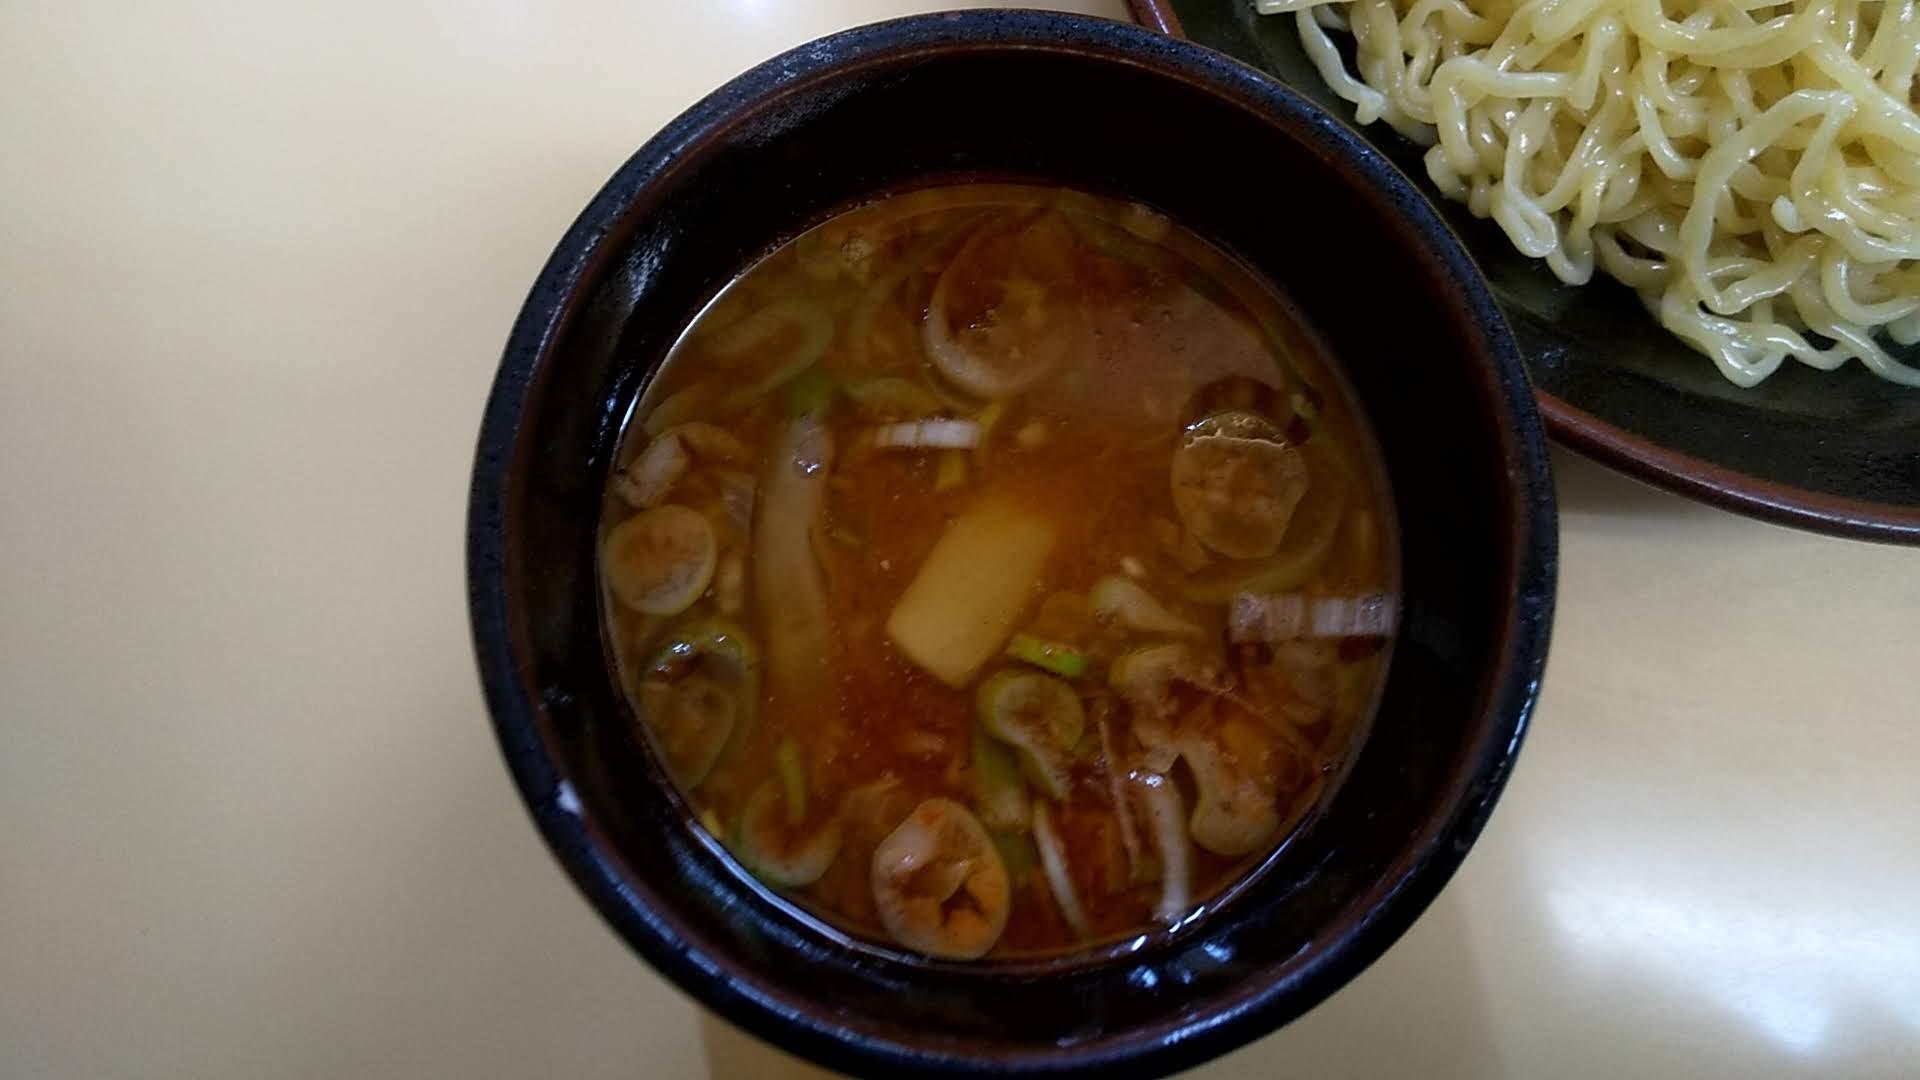 十八番のつけ麺のつけ汁の写真